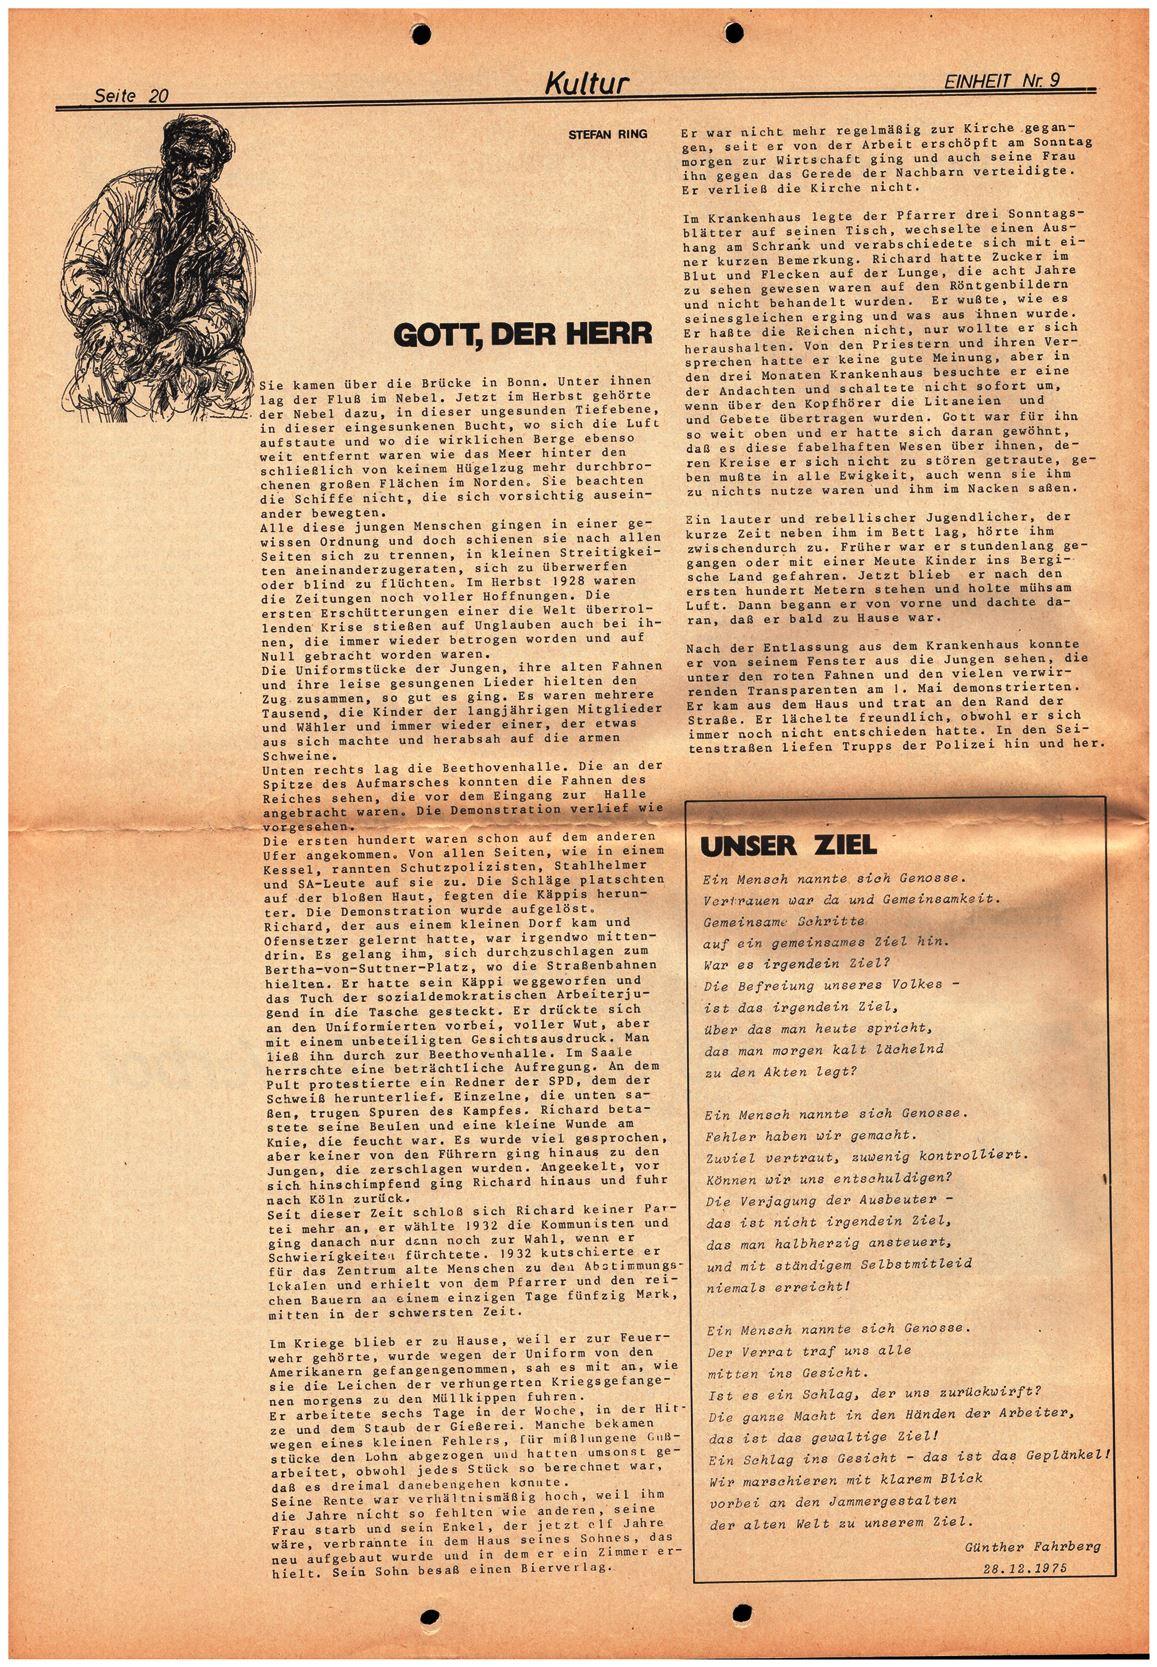 Koeln_IPdA_Einheit_1976_009_018